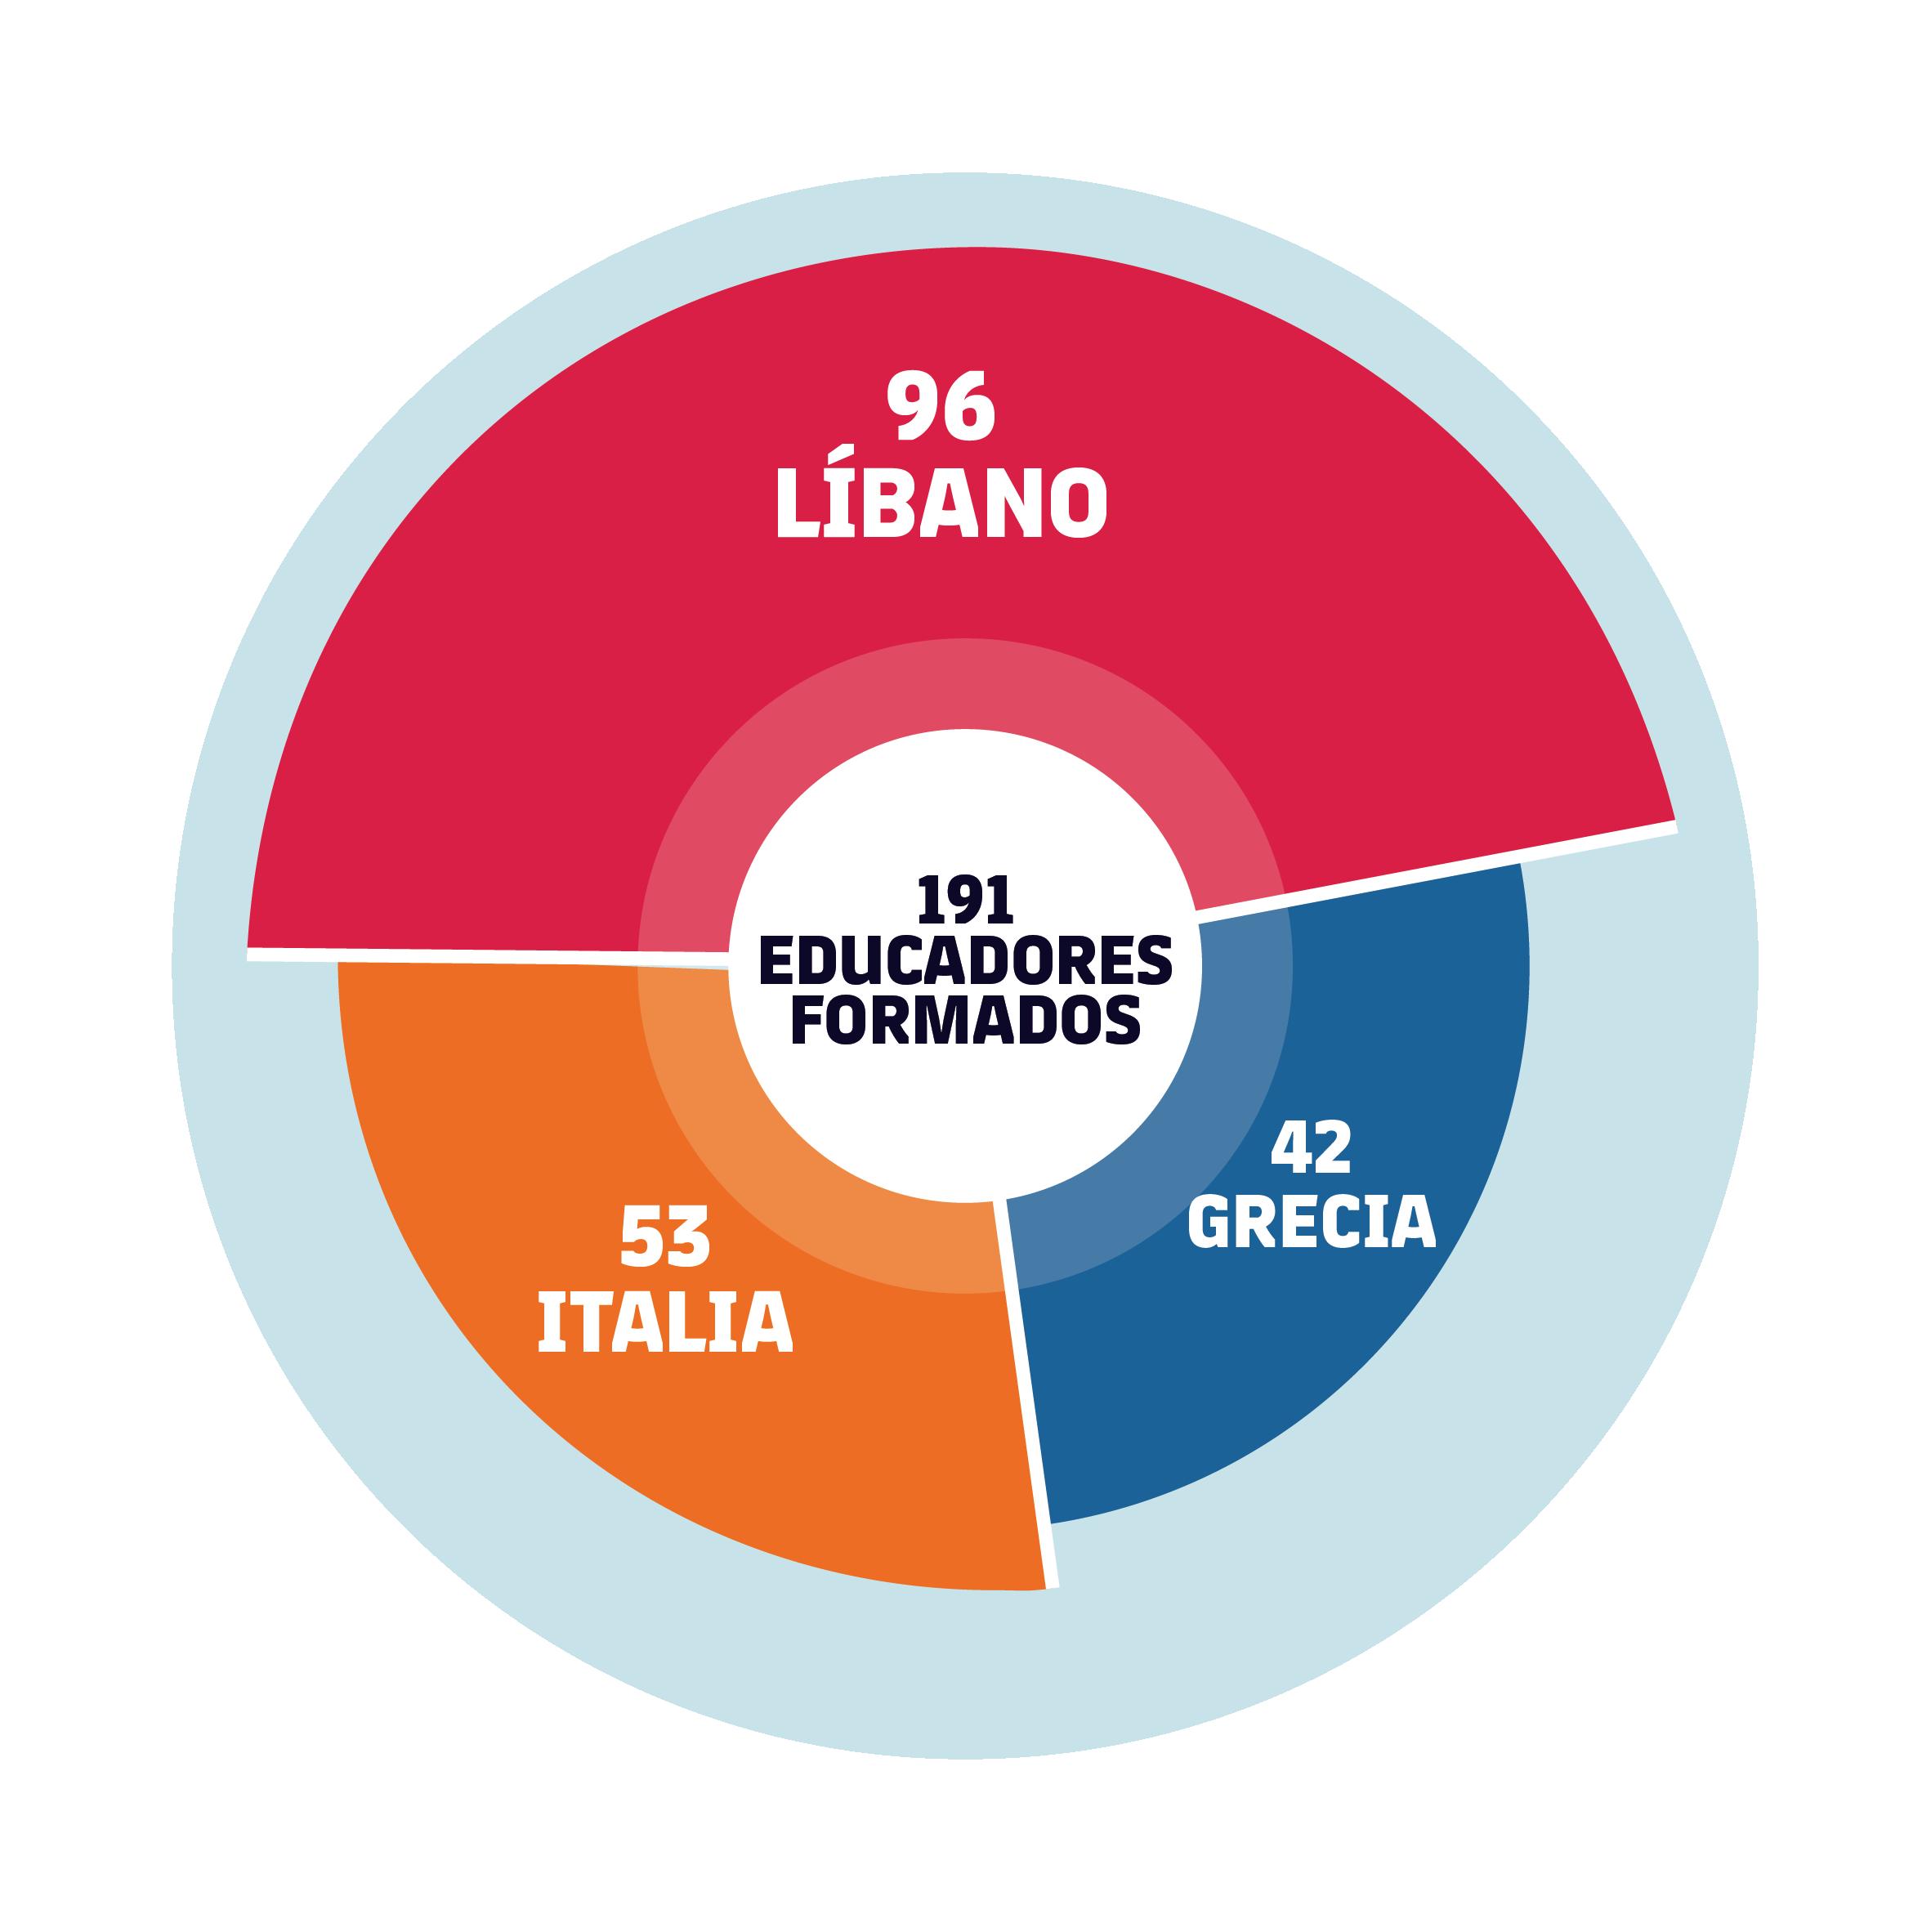 Total 191 educadores formados: 53 Italia, 96 Líbano, 42 Grecia